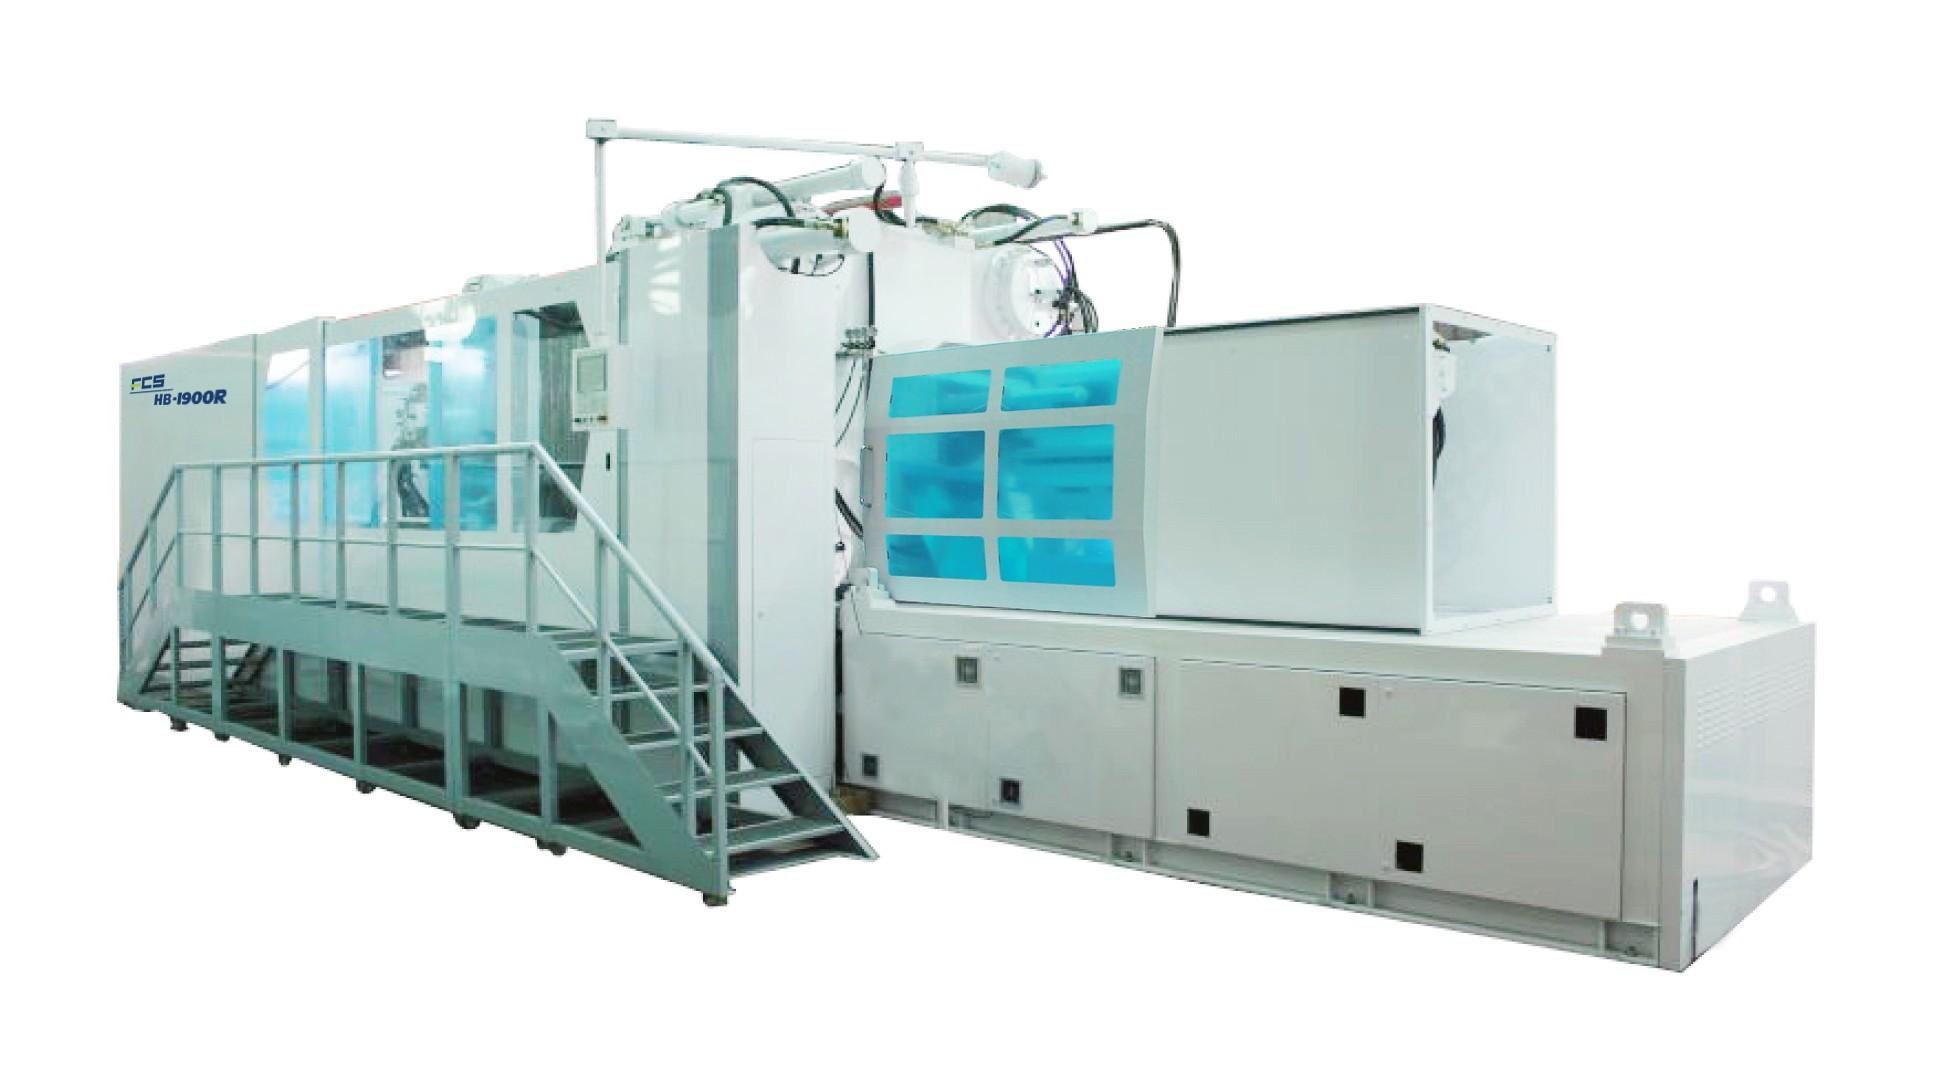 水平ロータリテーブル式2色射出成形機-Fu Chun Shin Machinery Manufacture Co.,Ltd.